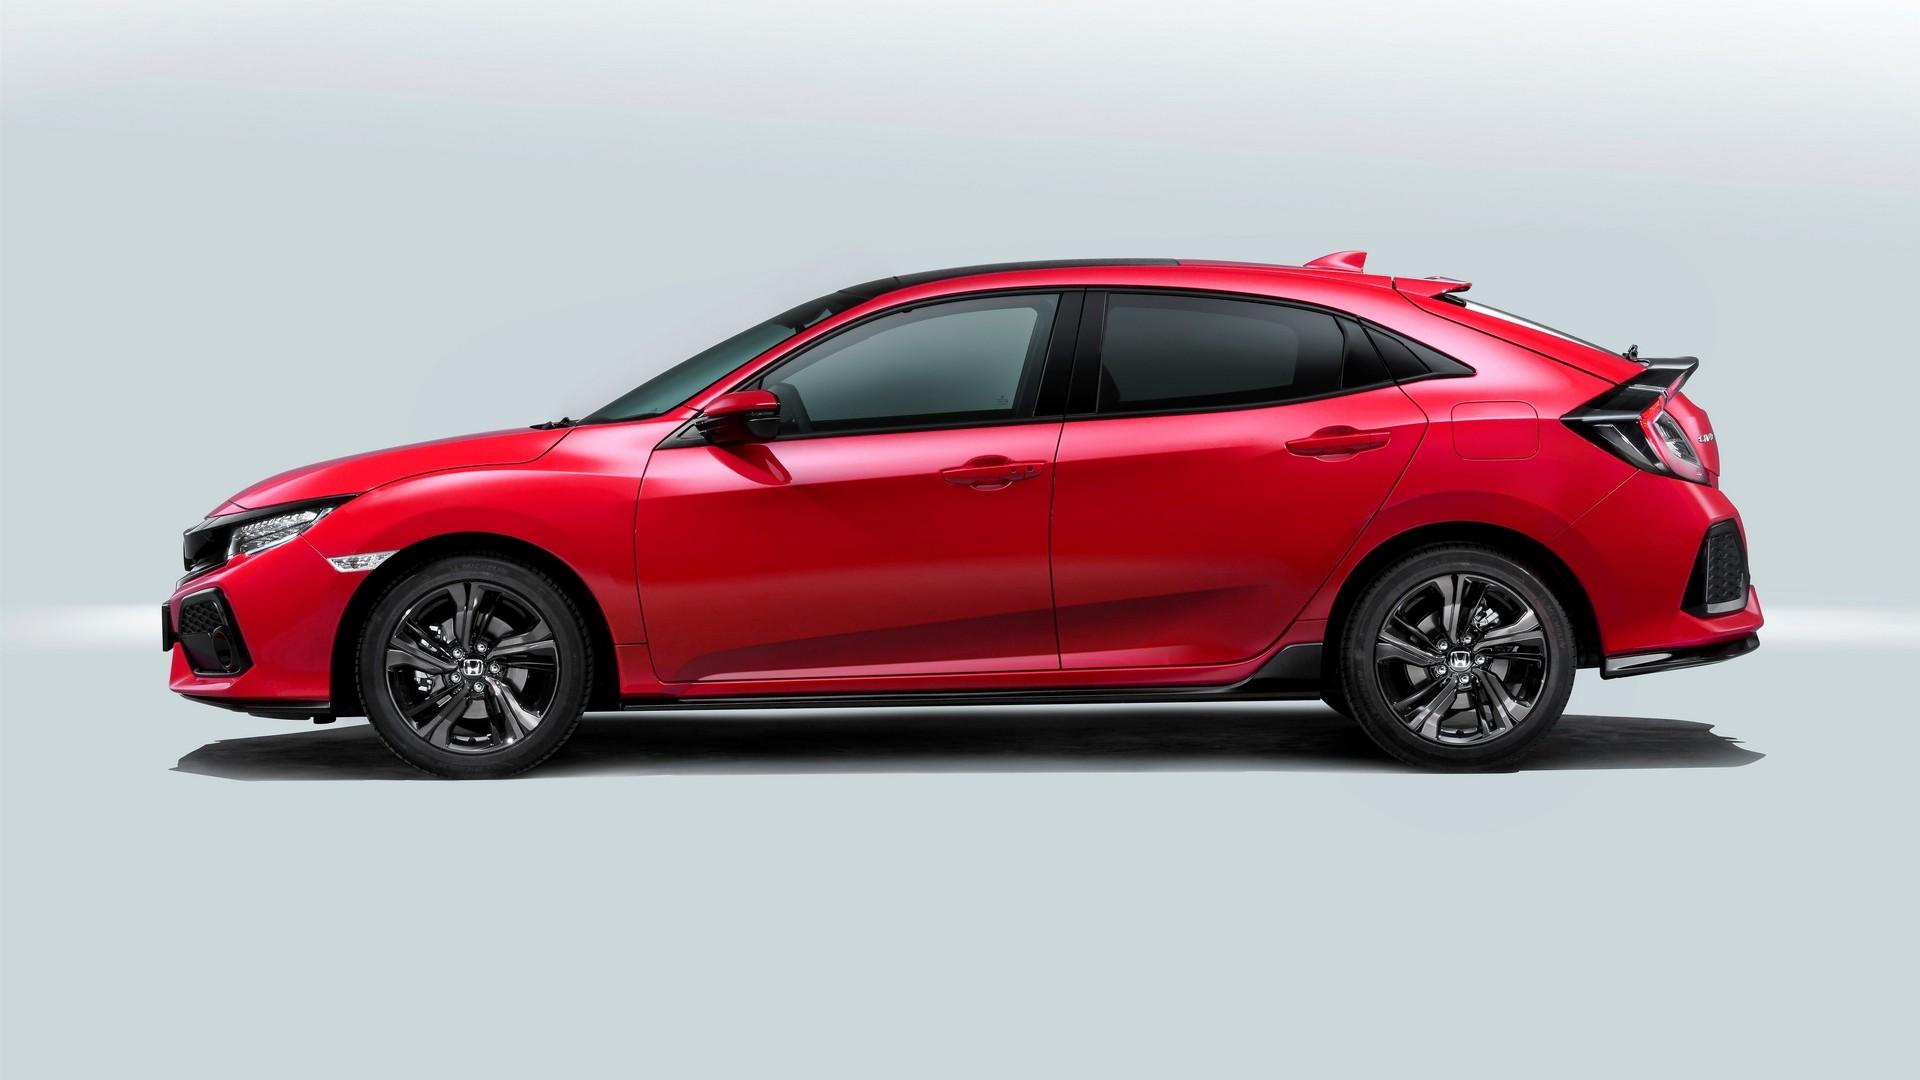 Honda Civic 2017 5-дверный хэтчбек европейская версия